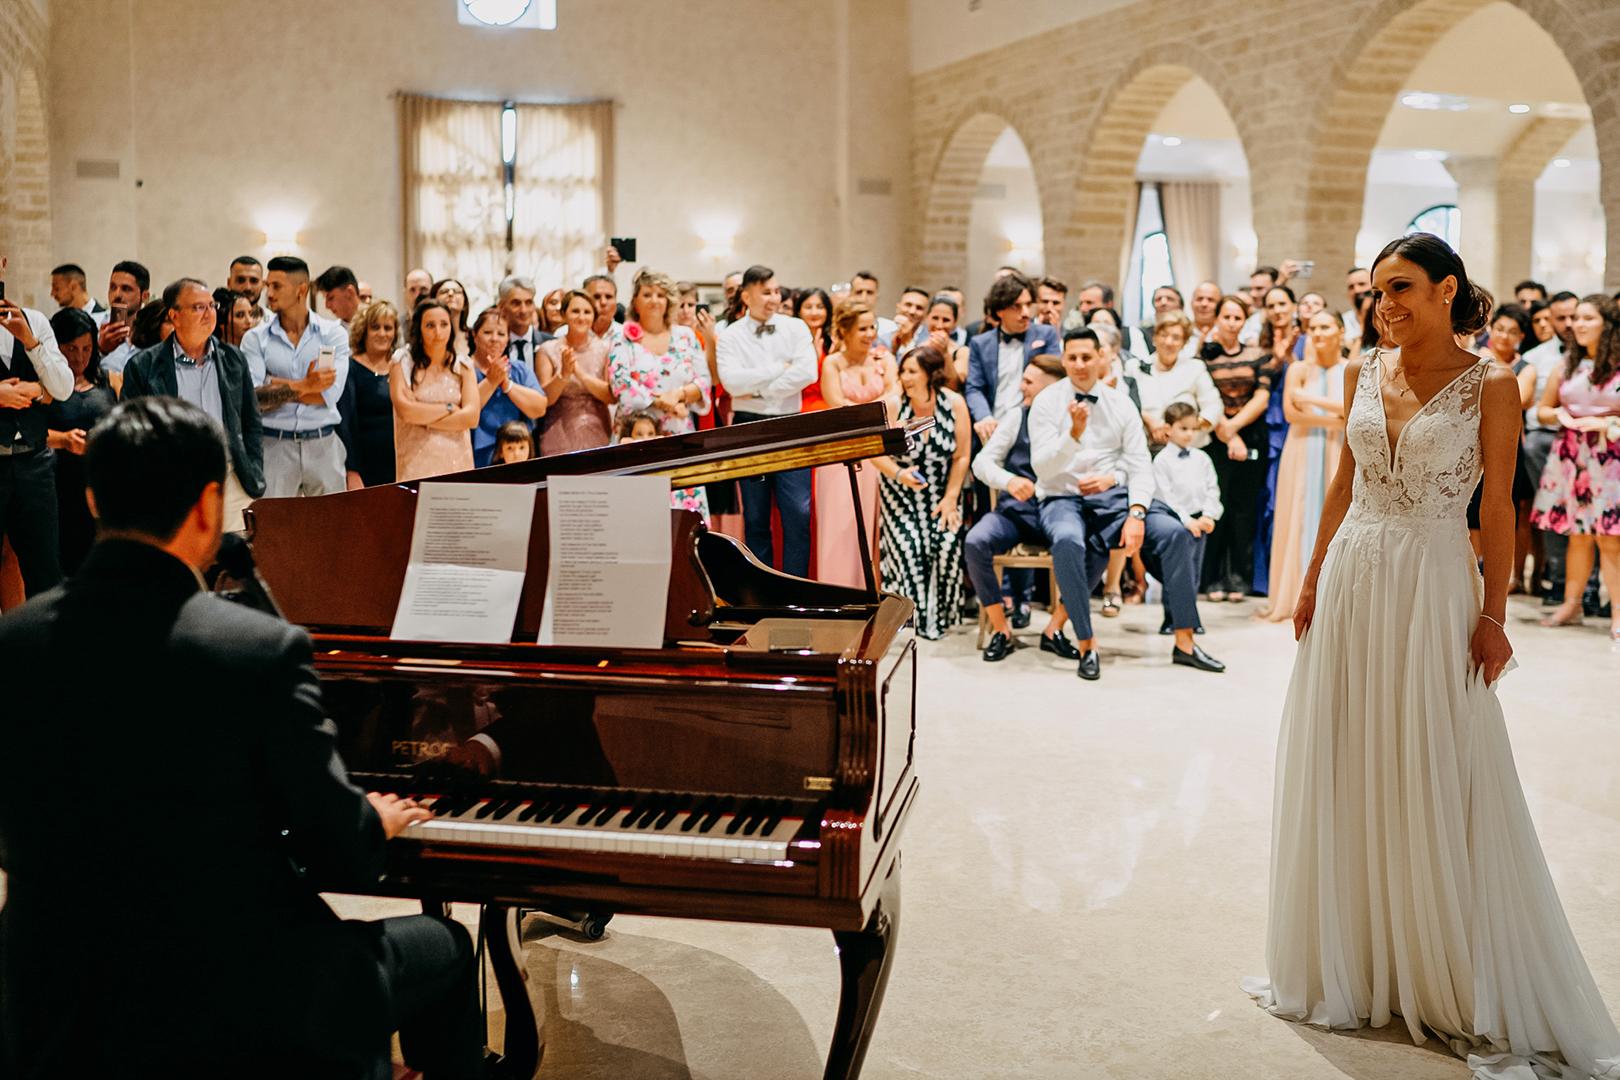 46 gianni-lepore-sposo-dedica-canzone